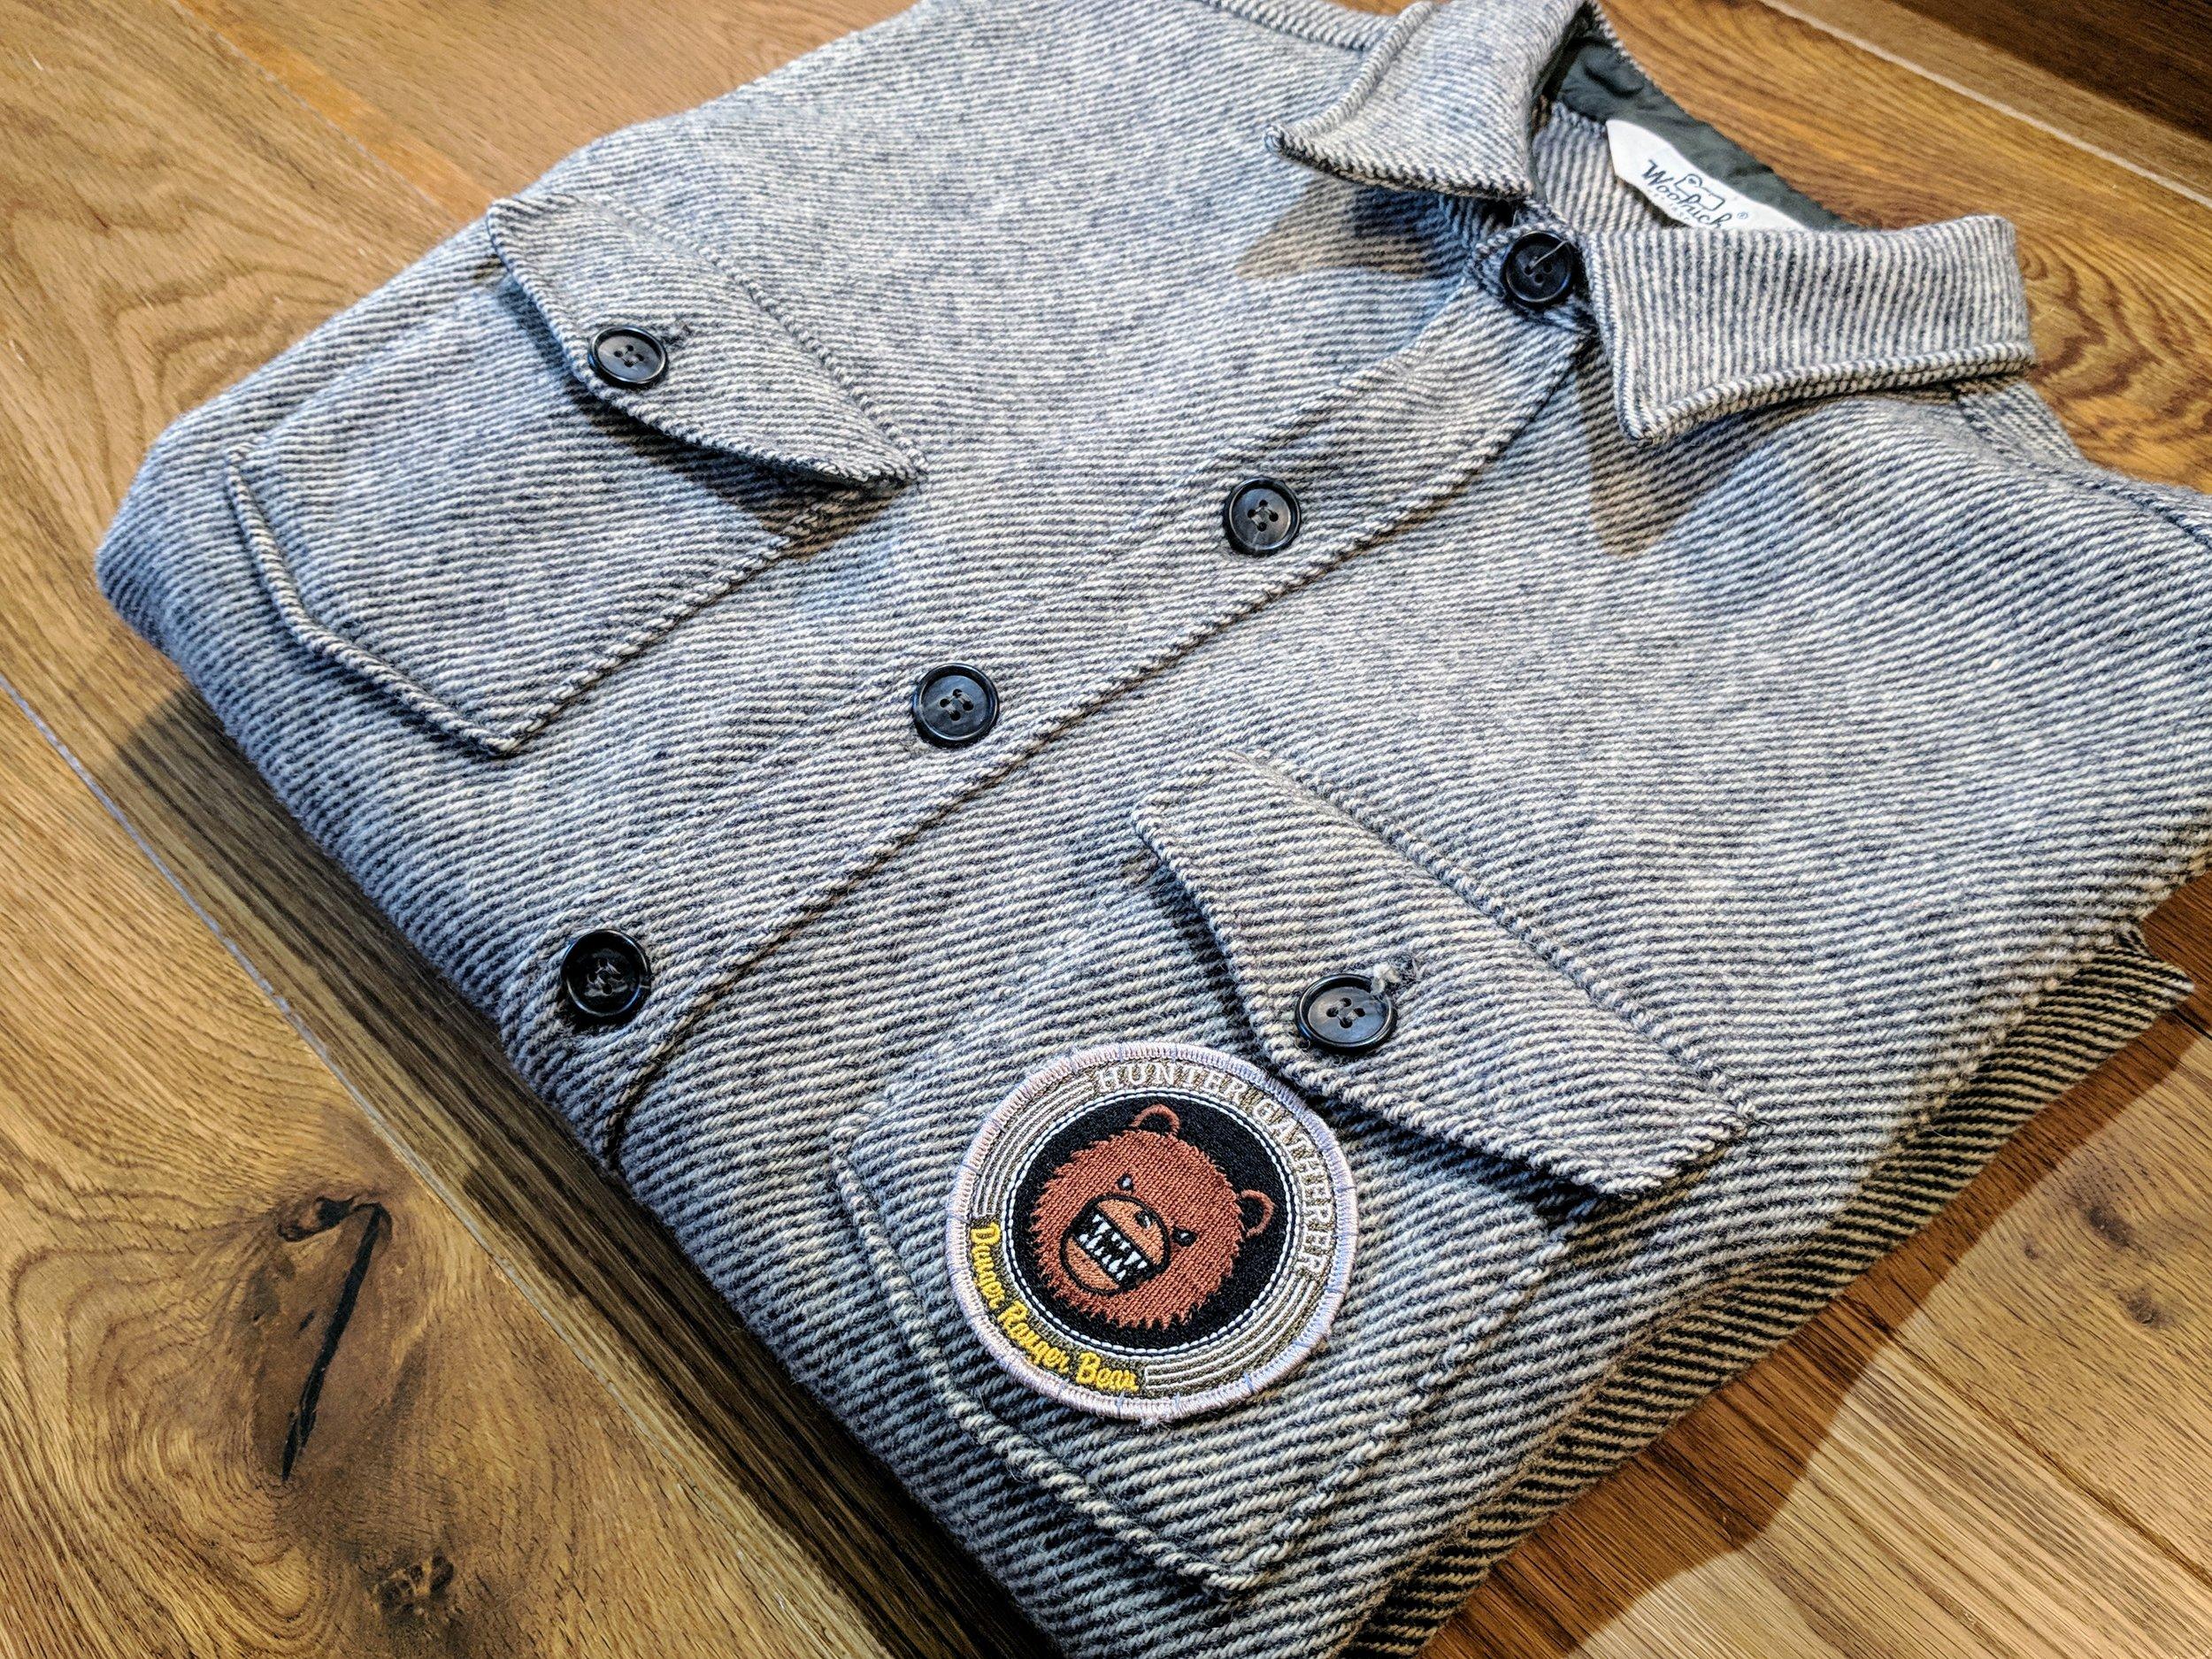 e3da8d5cb347e Hunter Gatherer Danger Bear Patch X Thick Woolrich Shirt Jacket   Size  Medium  . Vintage Woolrich Shirt Jacket